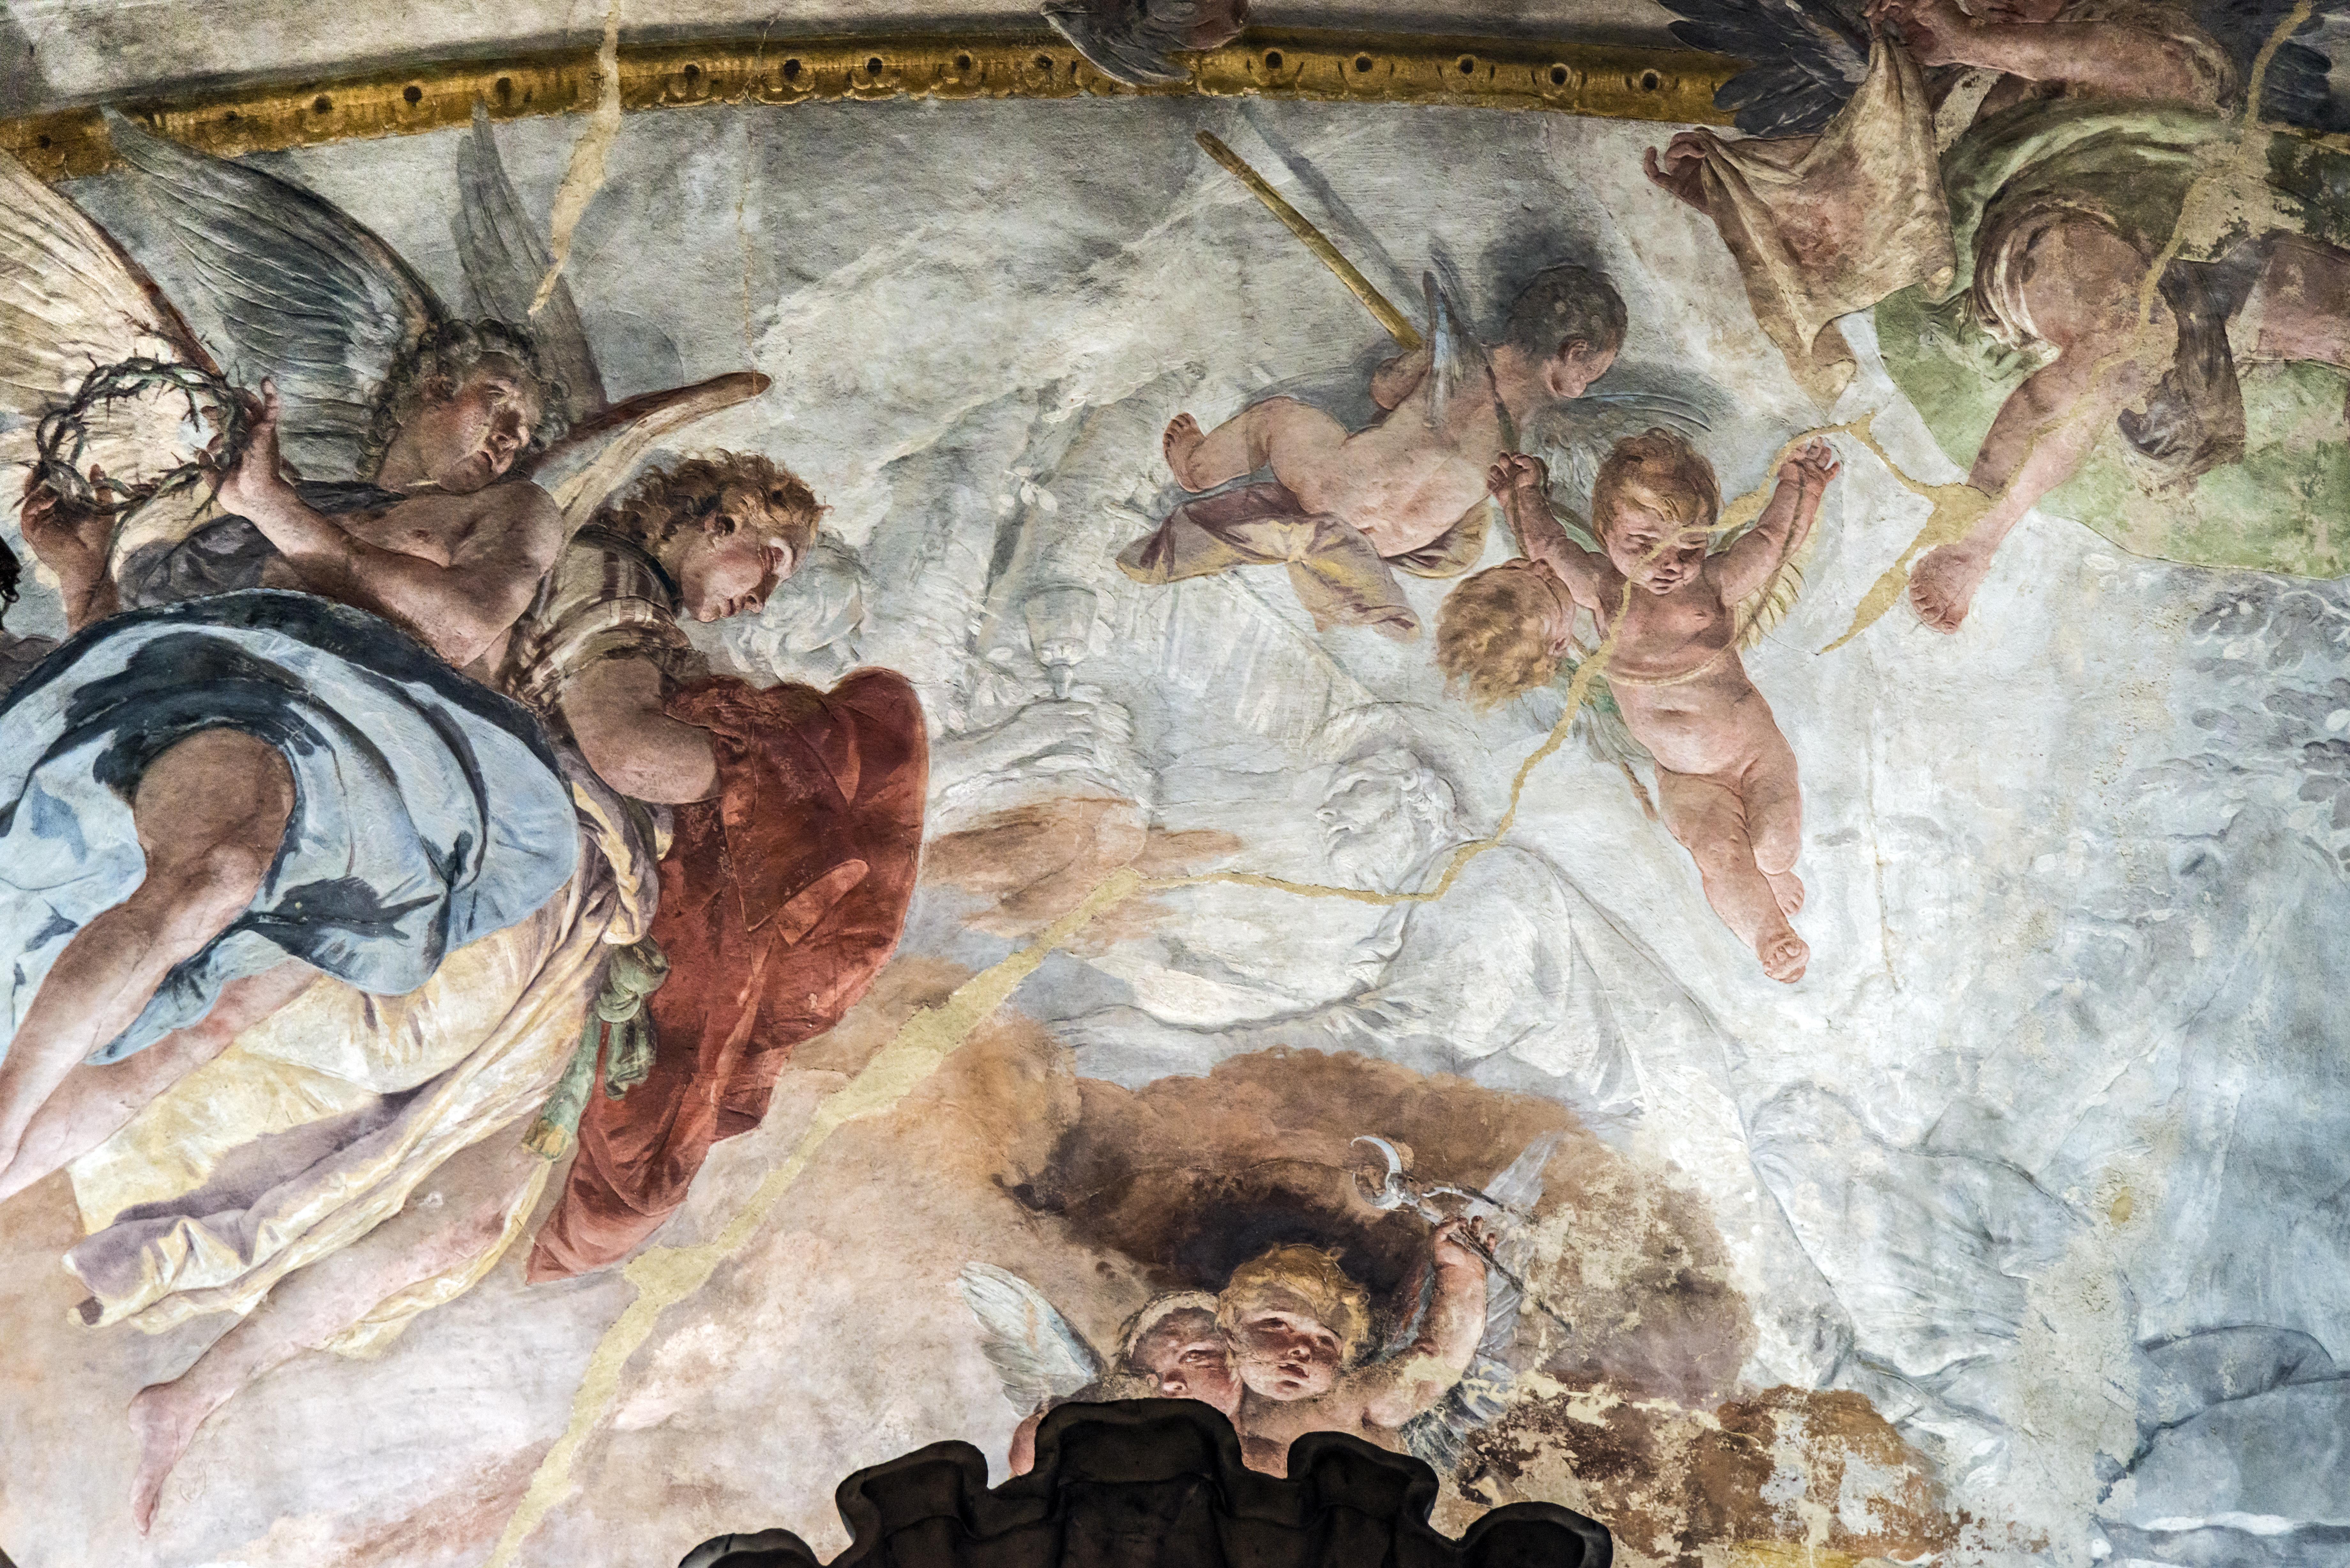 Cristo nel Getsemani di Giambattista Tiepolo